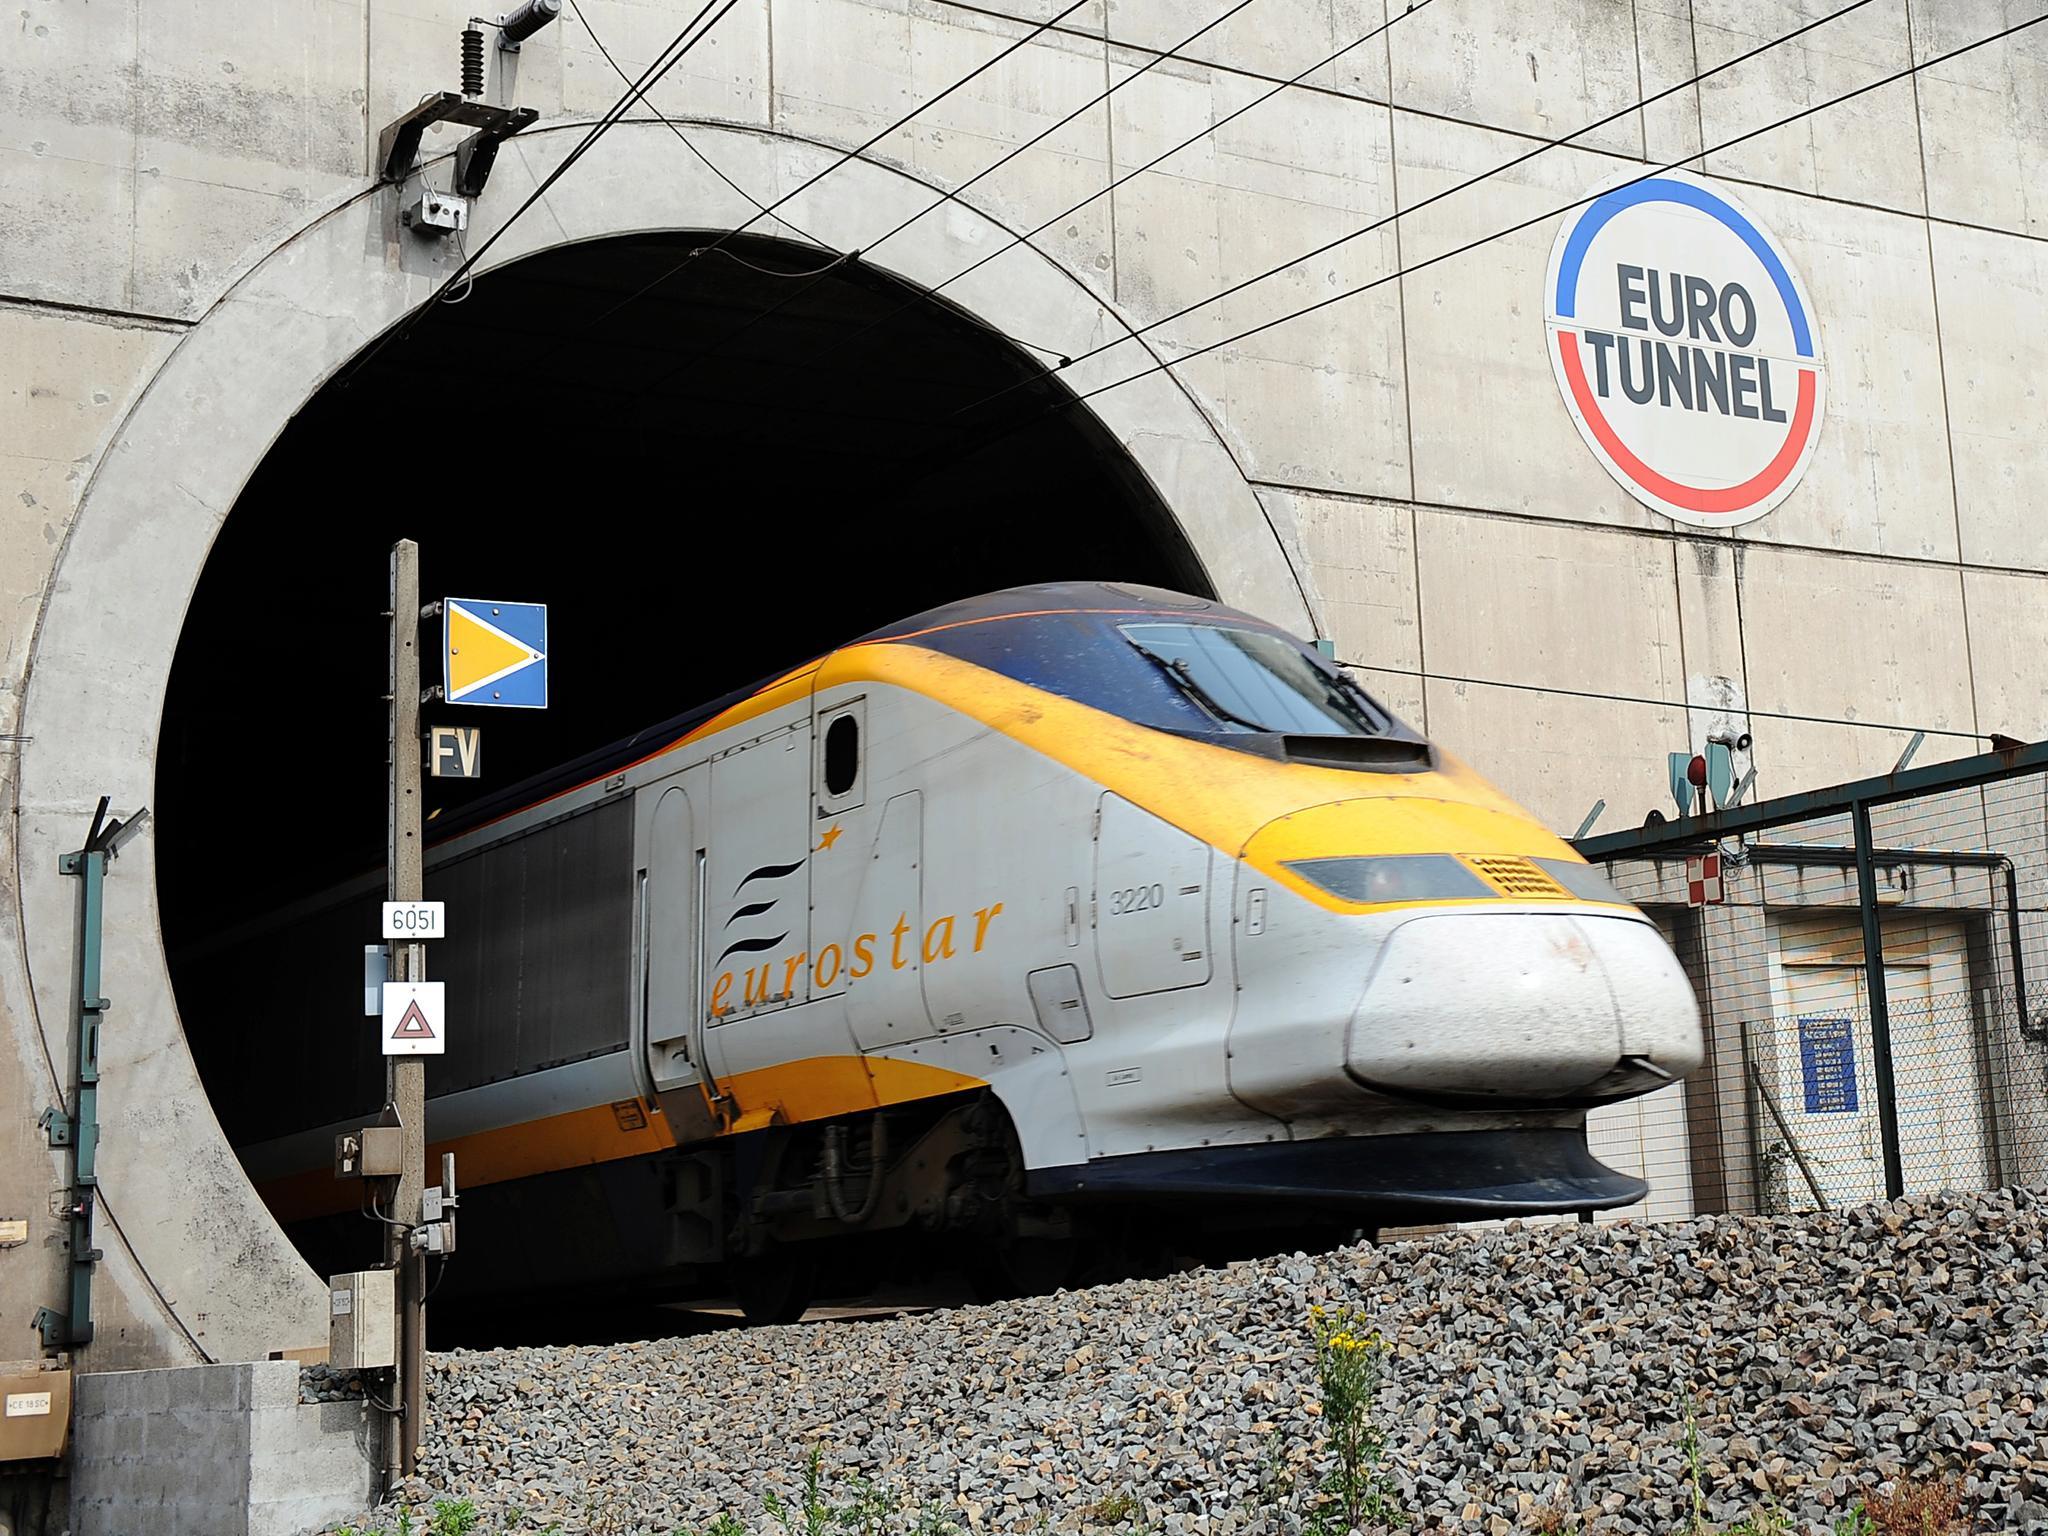 tarif eurotunnel et votre billet eurotunnel pour import auto uk 4 - Tarif eurotunnel et votre billet eurotunnel pour import auto uk